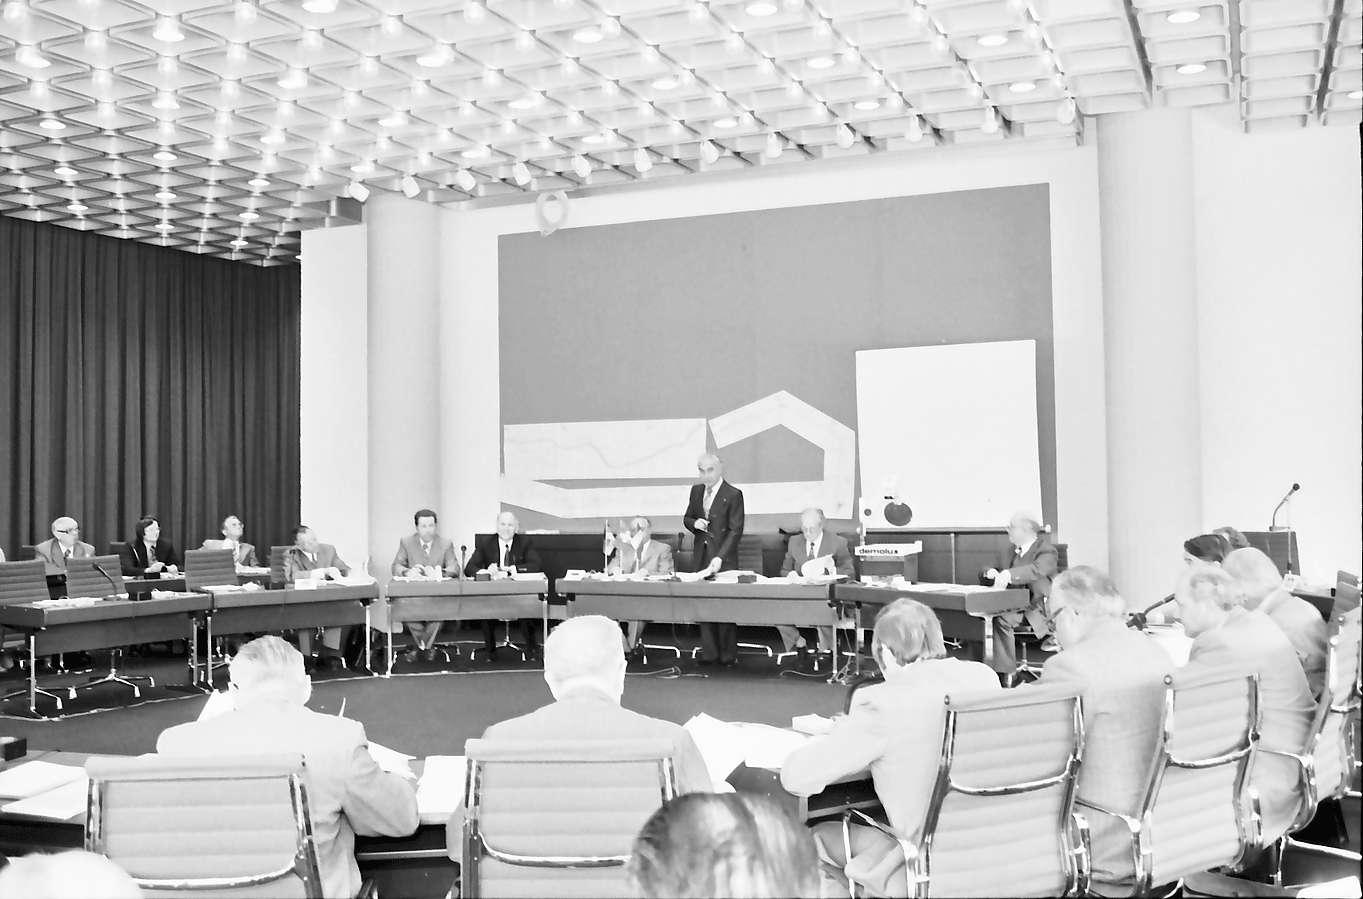 Lörrach: Neues Rathaus; Regio Conférence Tripartite; Gesamtkonferenz, Bild 1